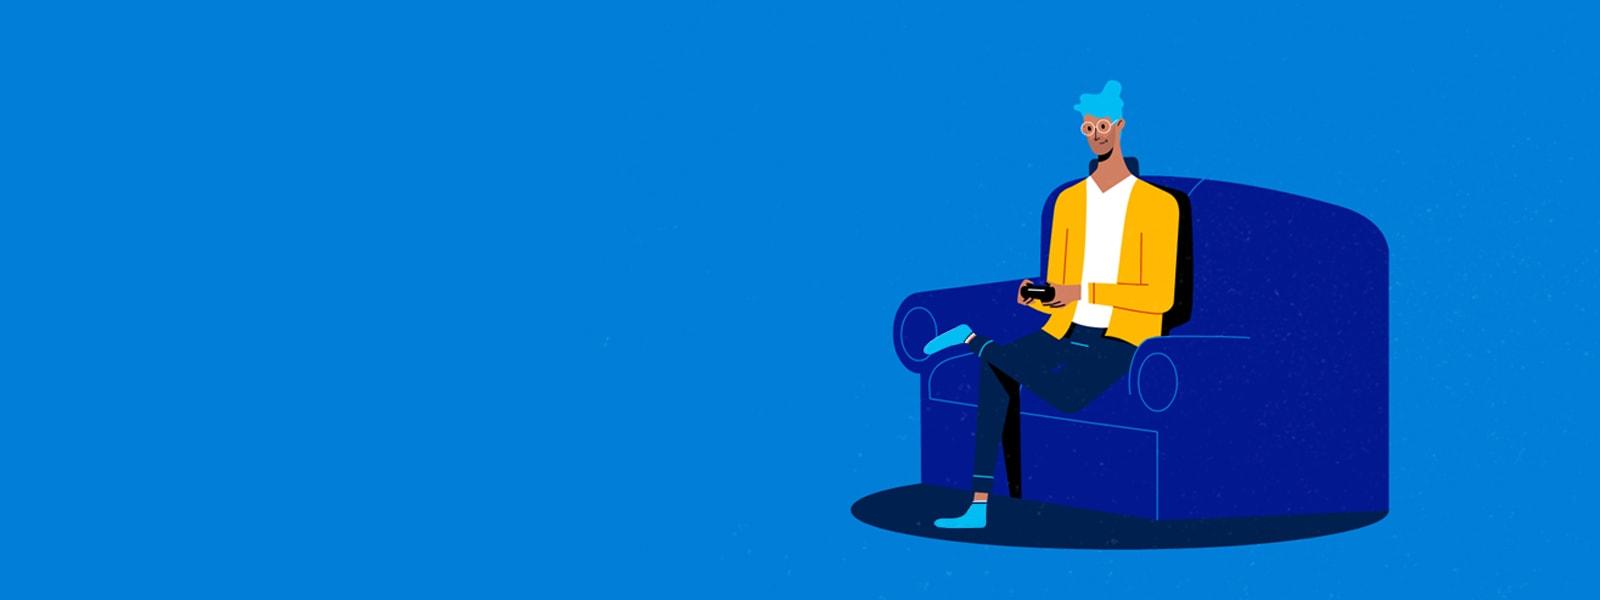 テレビのリモコンを持って椅子に座っている男性。